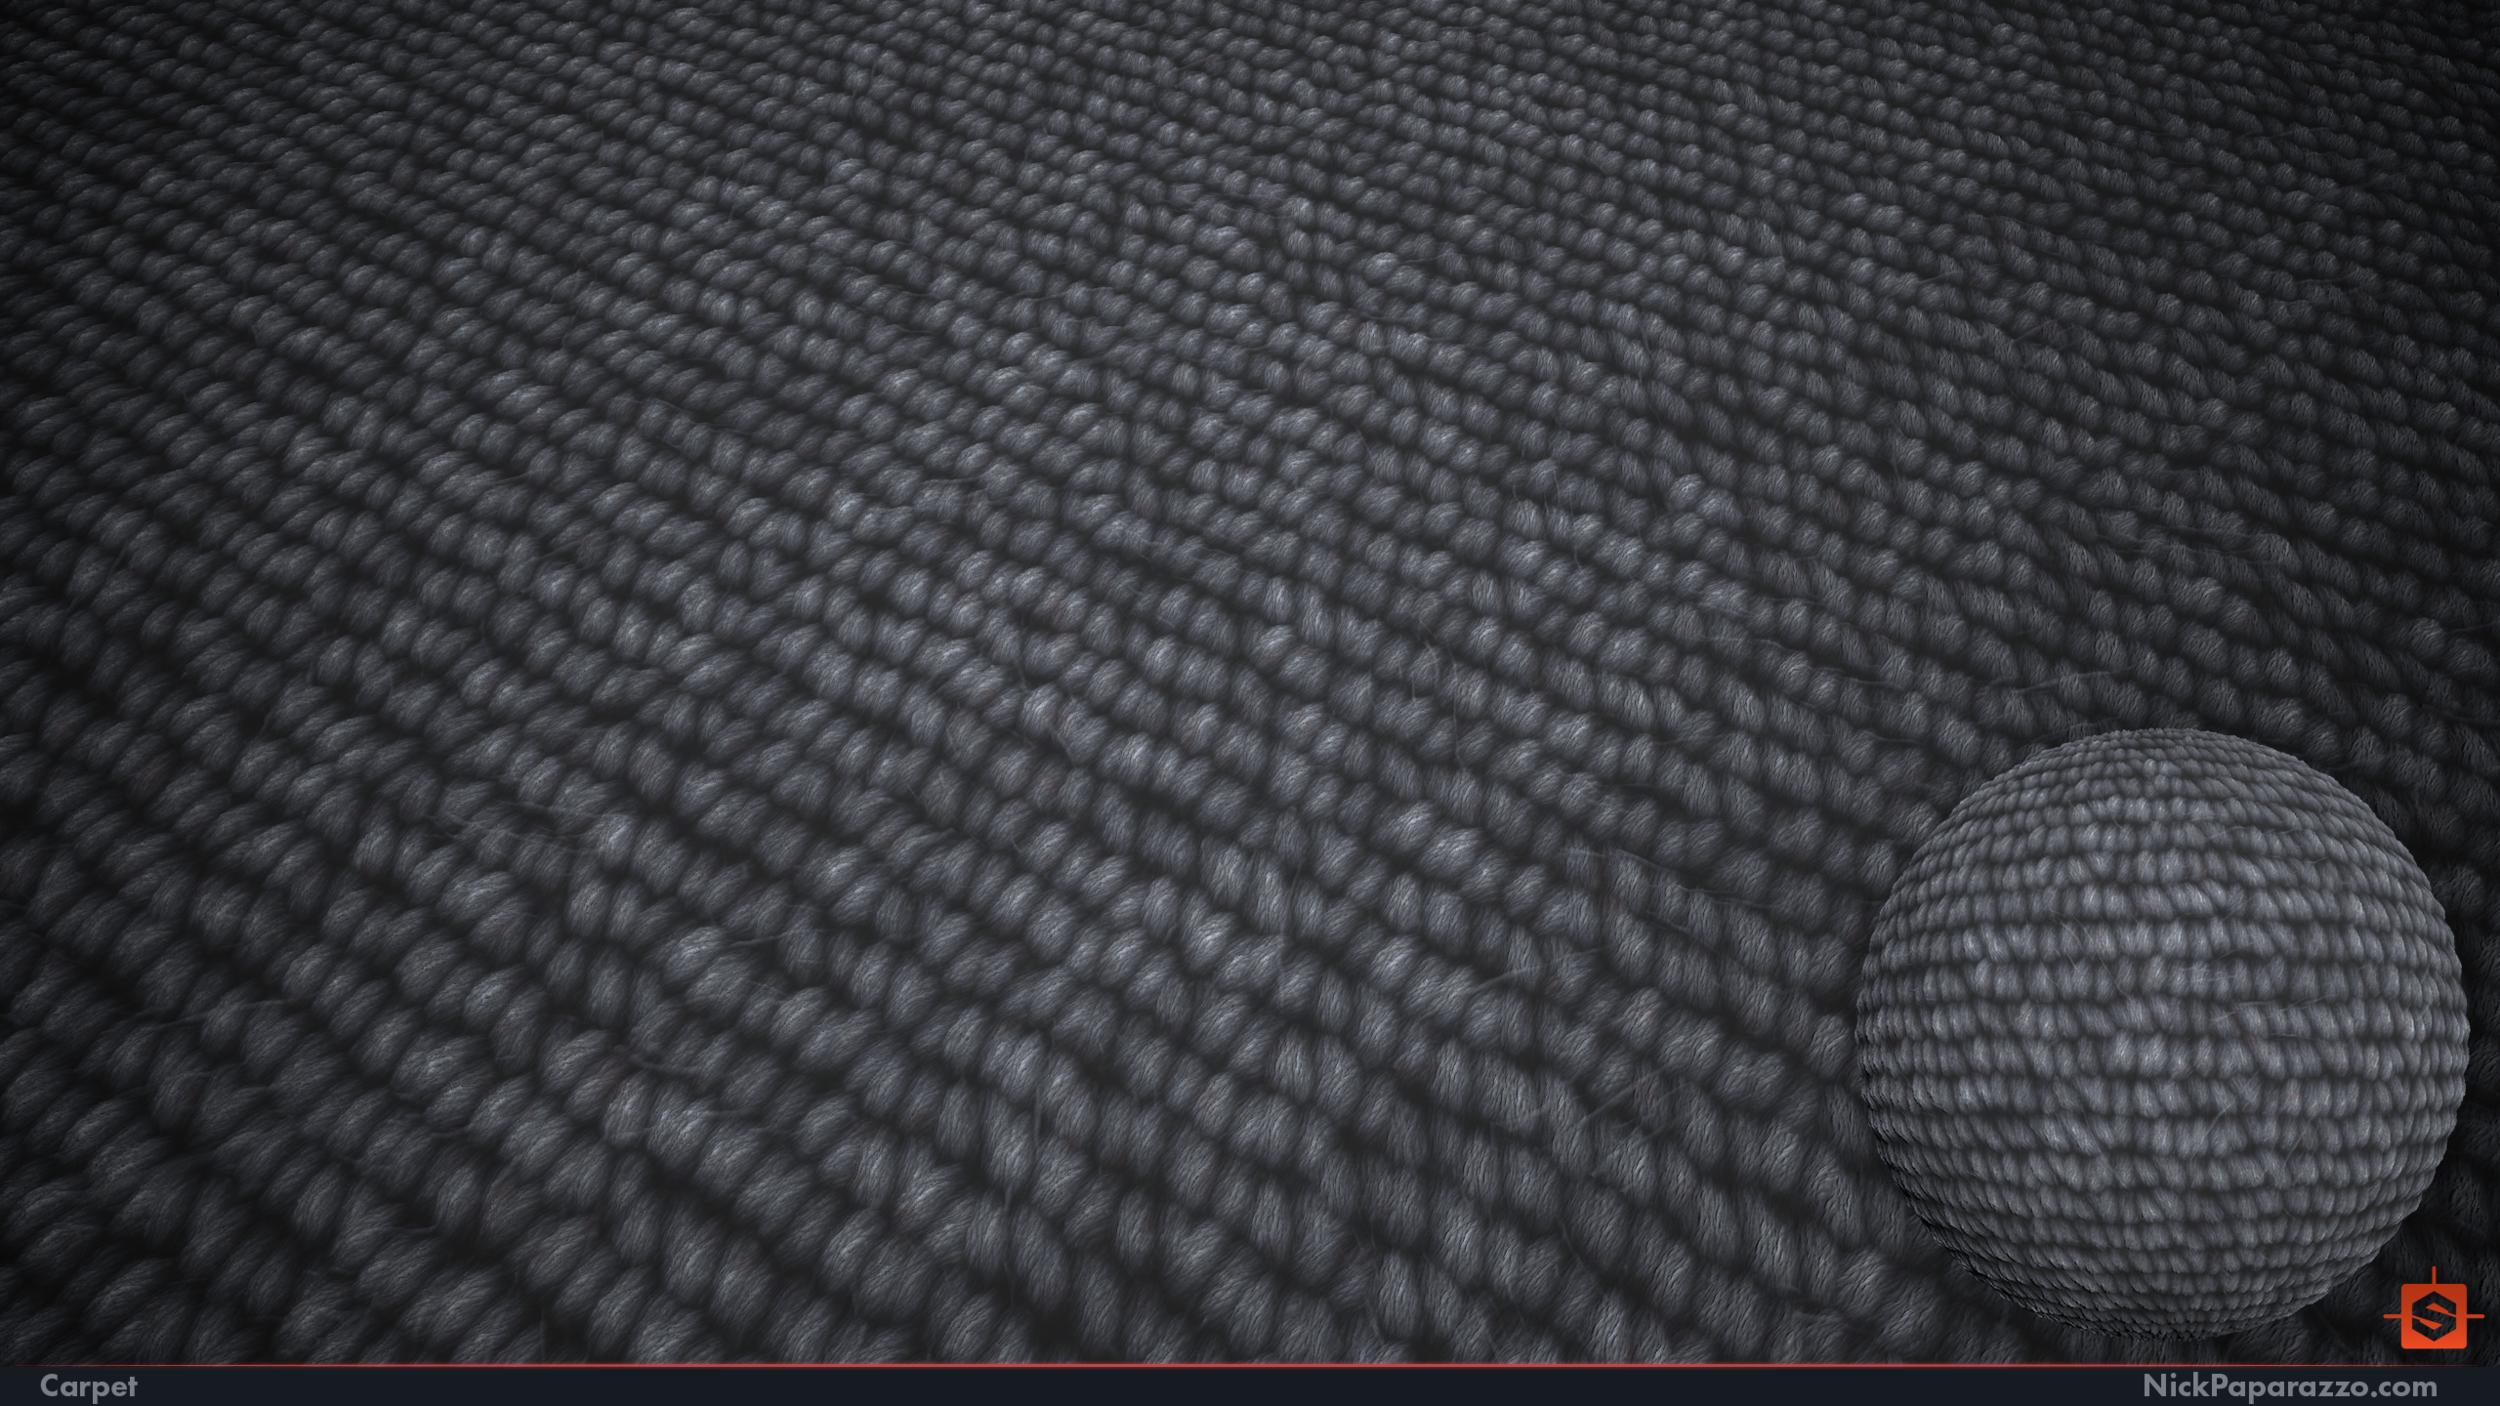 Carpet_03.png